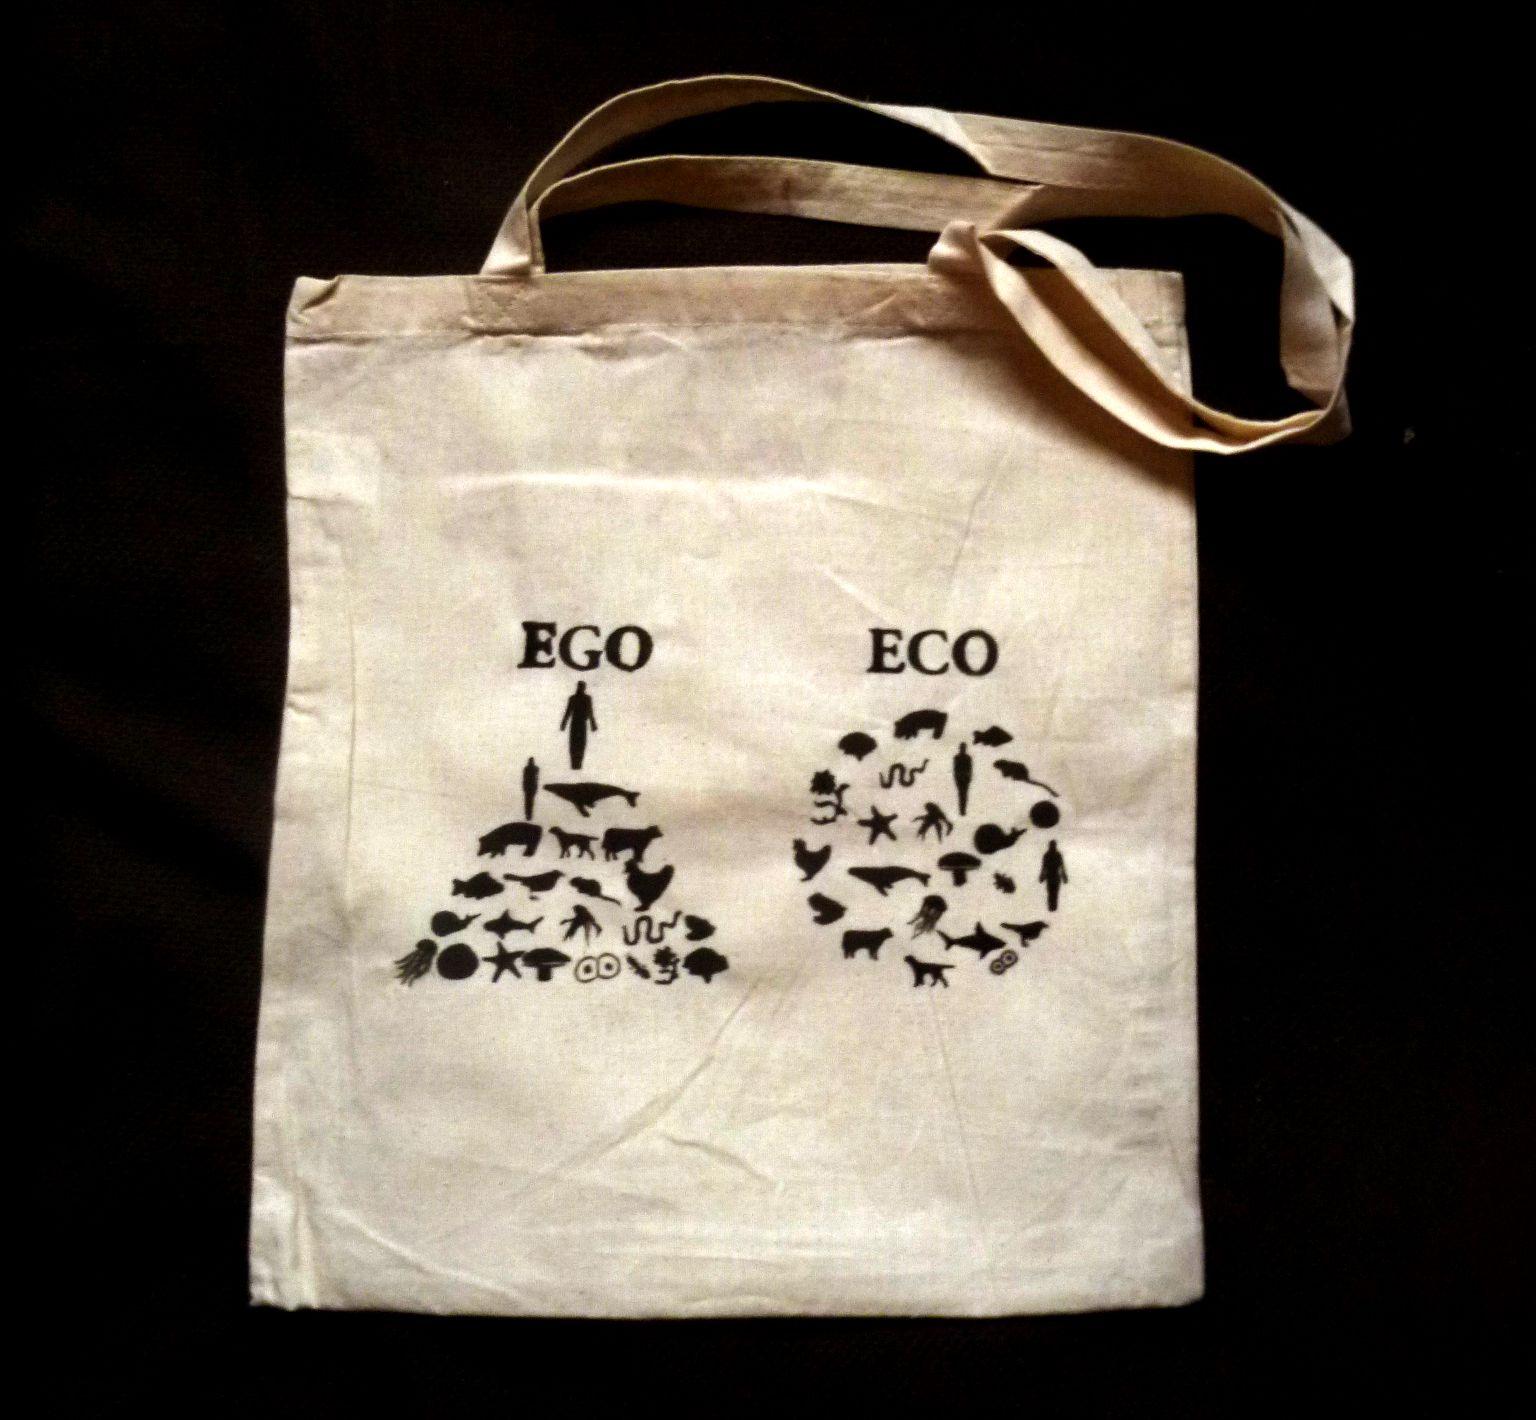 8b01171853 Ego - Eco Originální plátěná taška s malbou a nápisem Je ideální např. na  učebnice